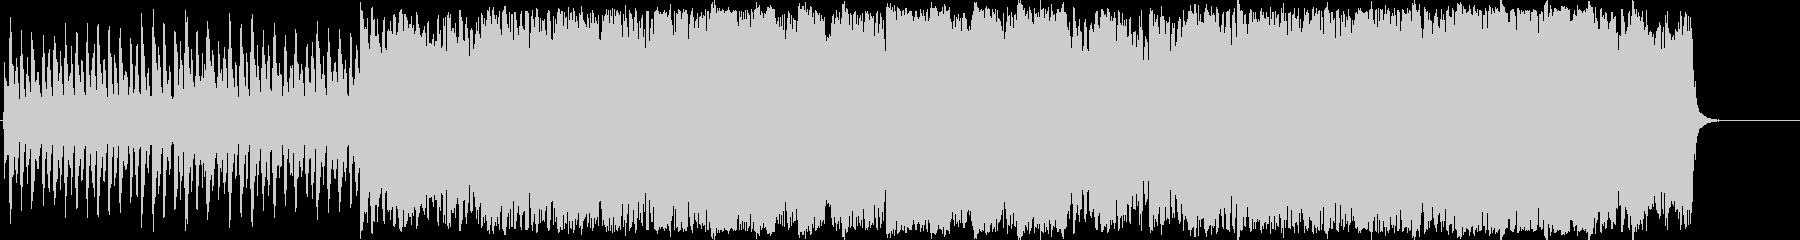 映像やCM向けオーケストラ曲の未再生の波形